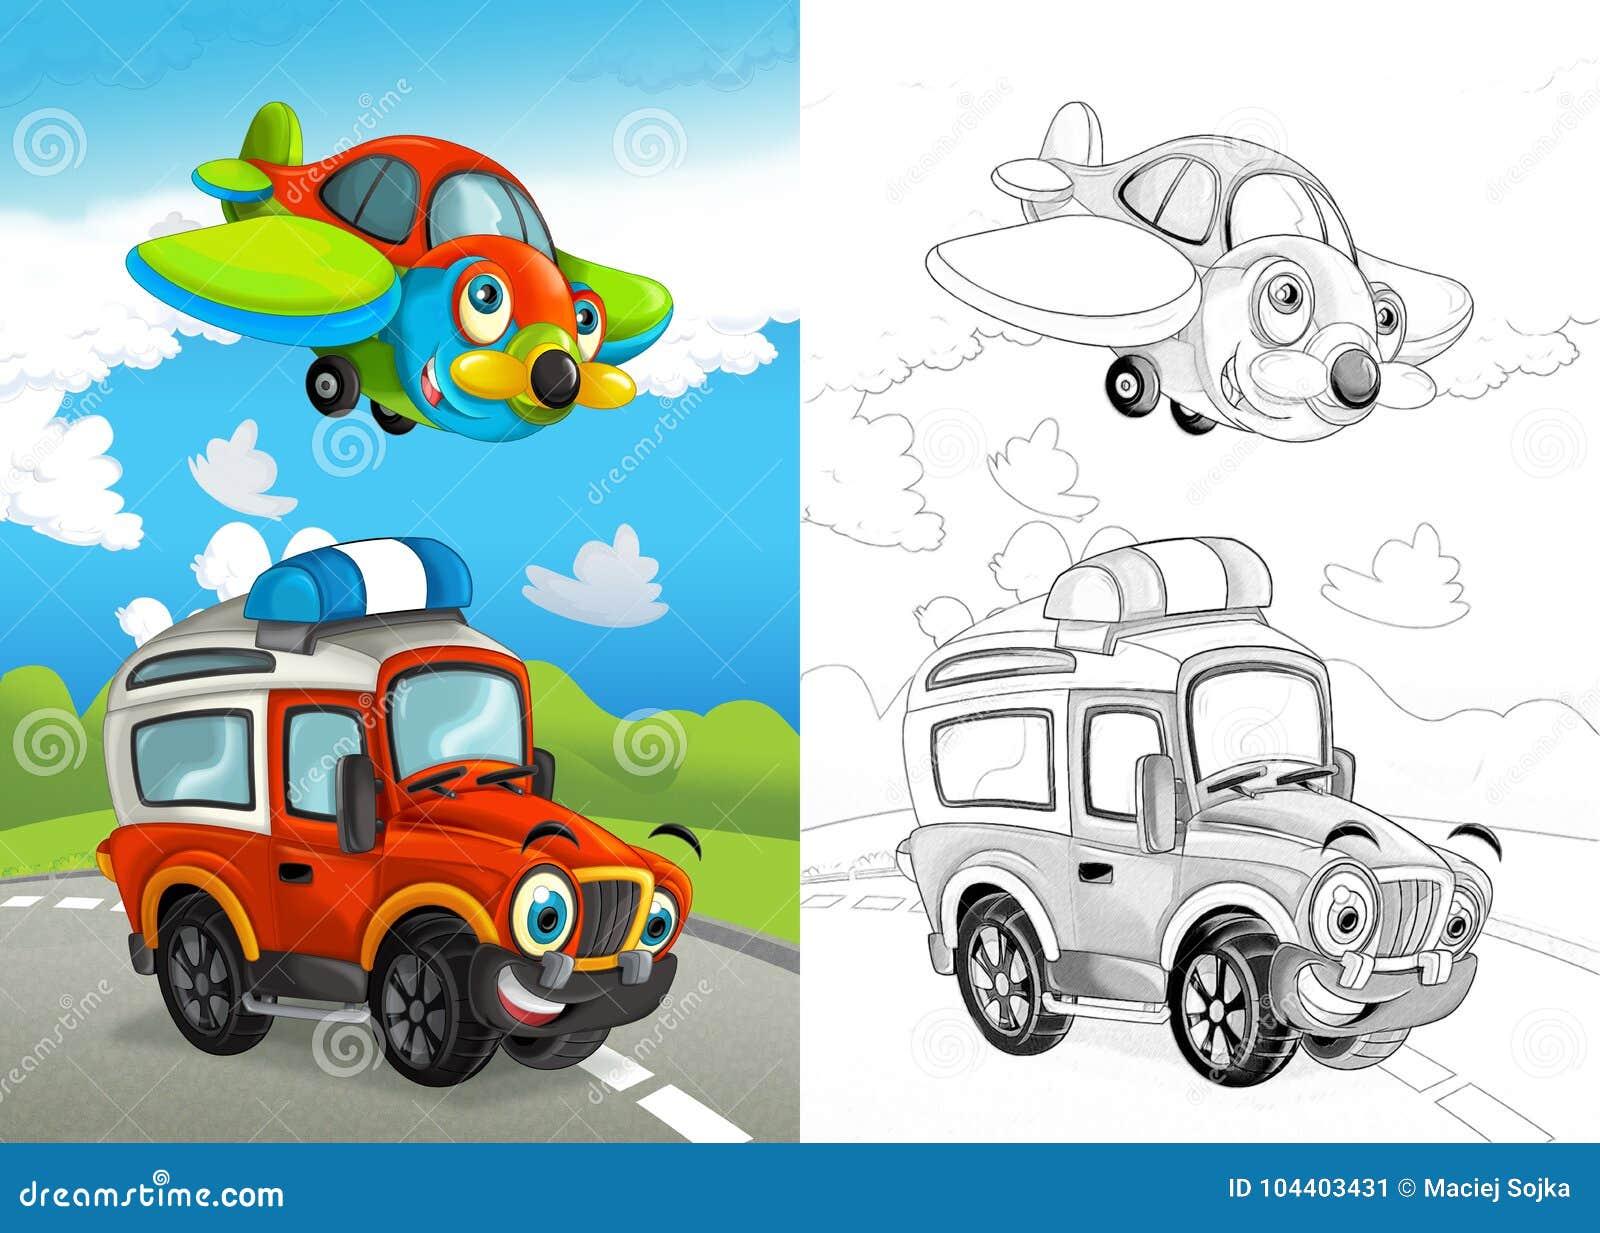 Сцена мультфильма со счастливым с автомобиля дороги на дороге t0he и плоском летании с крася страницей